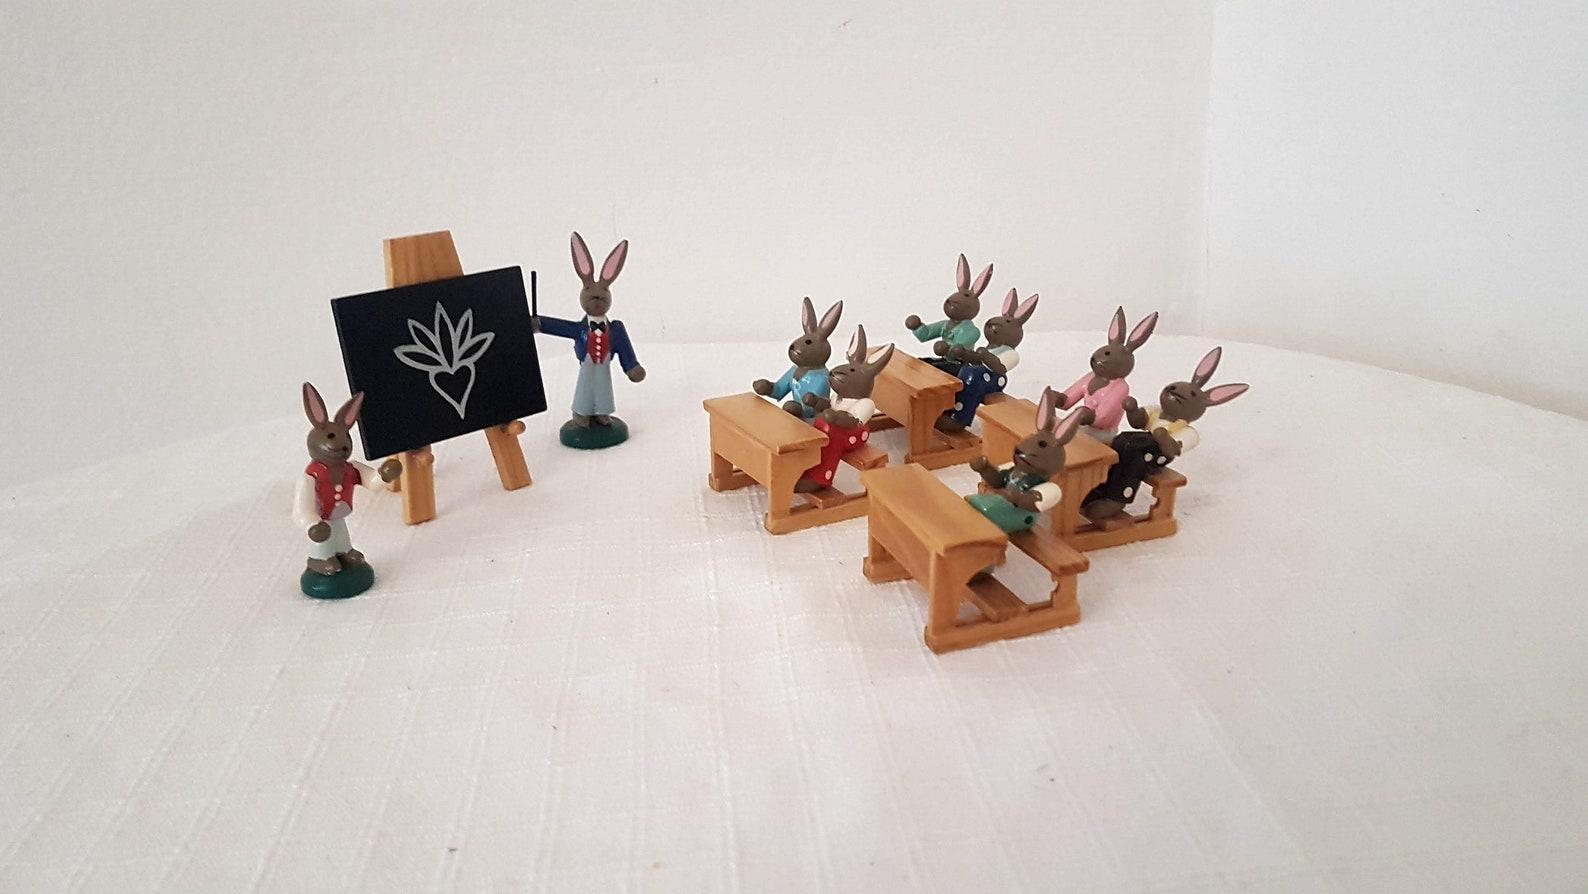 Vintage German ESCO Erzgebirge Easter Bunny School Wooden Miniatures 1980s